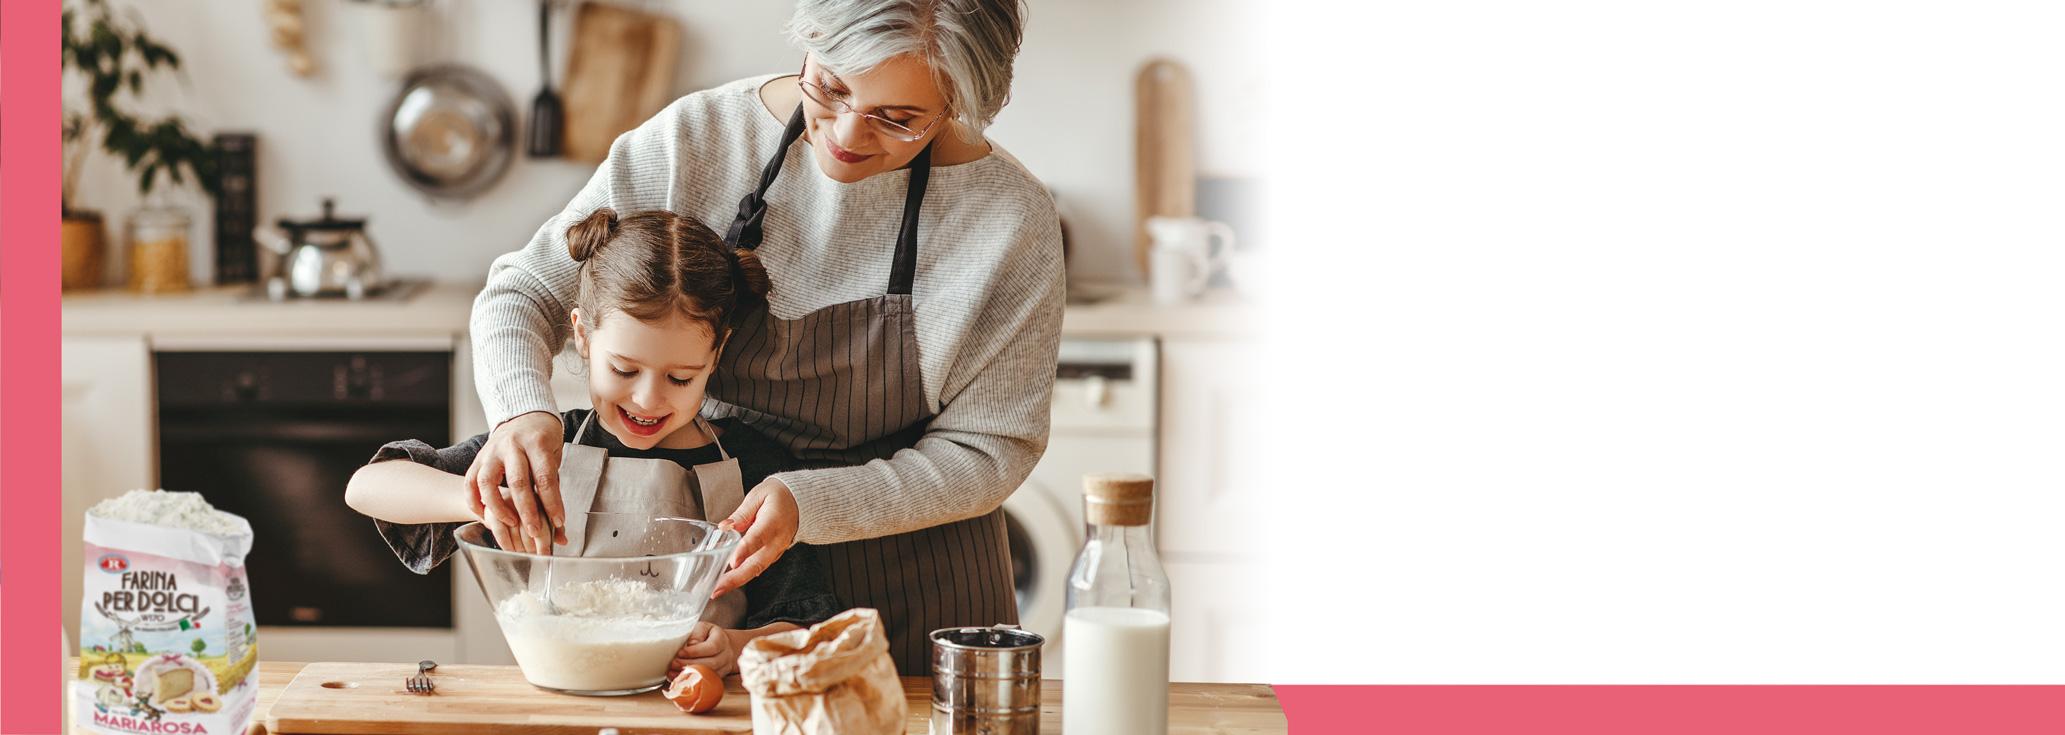 nonna e bambina che impastano la farina Mariarosa